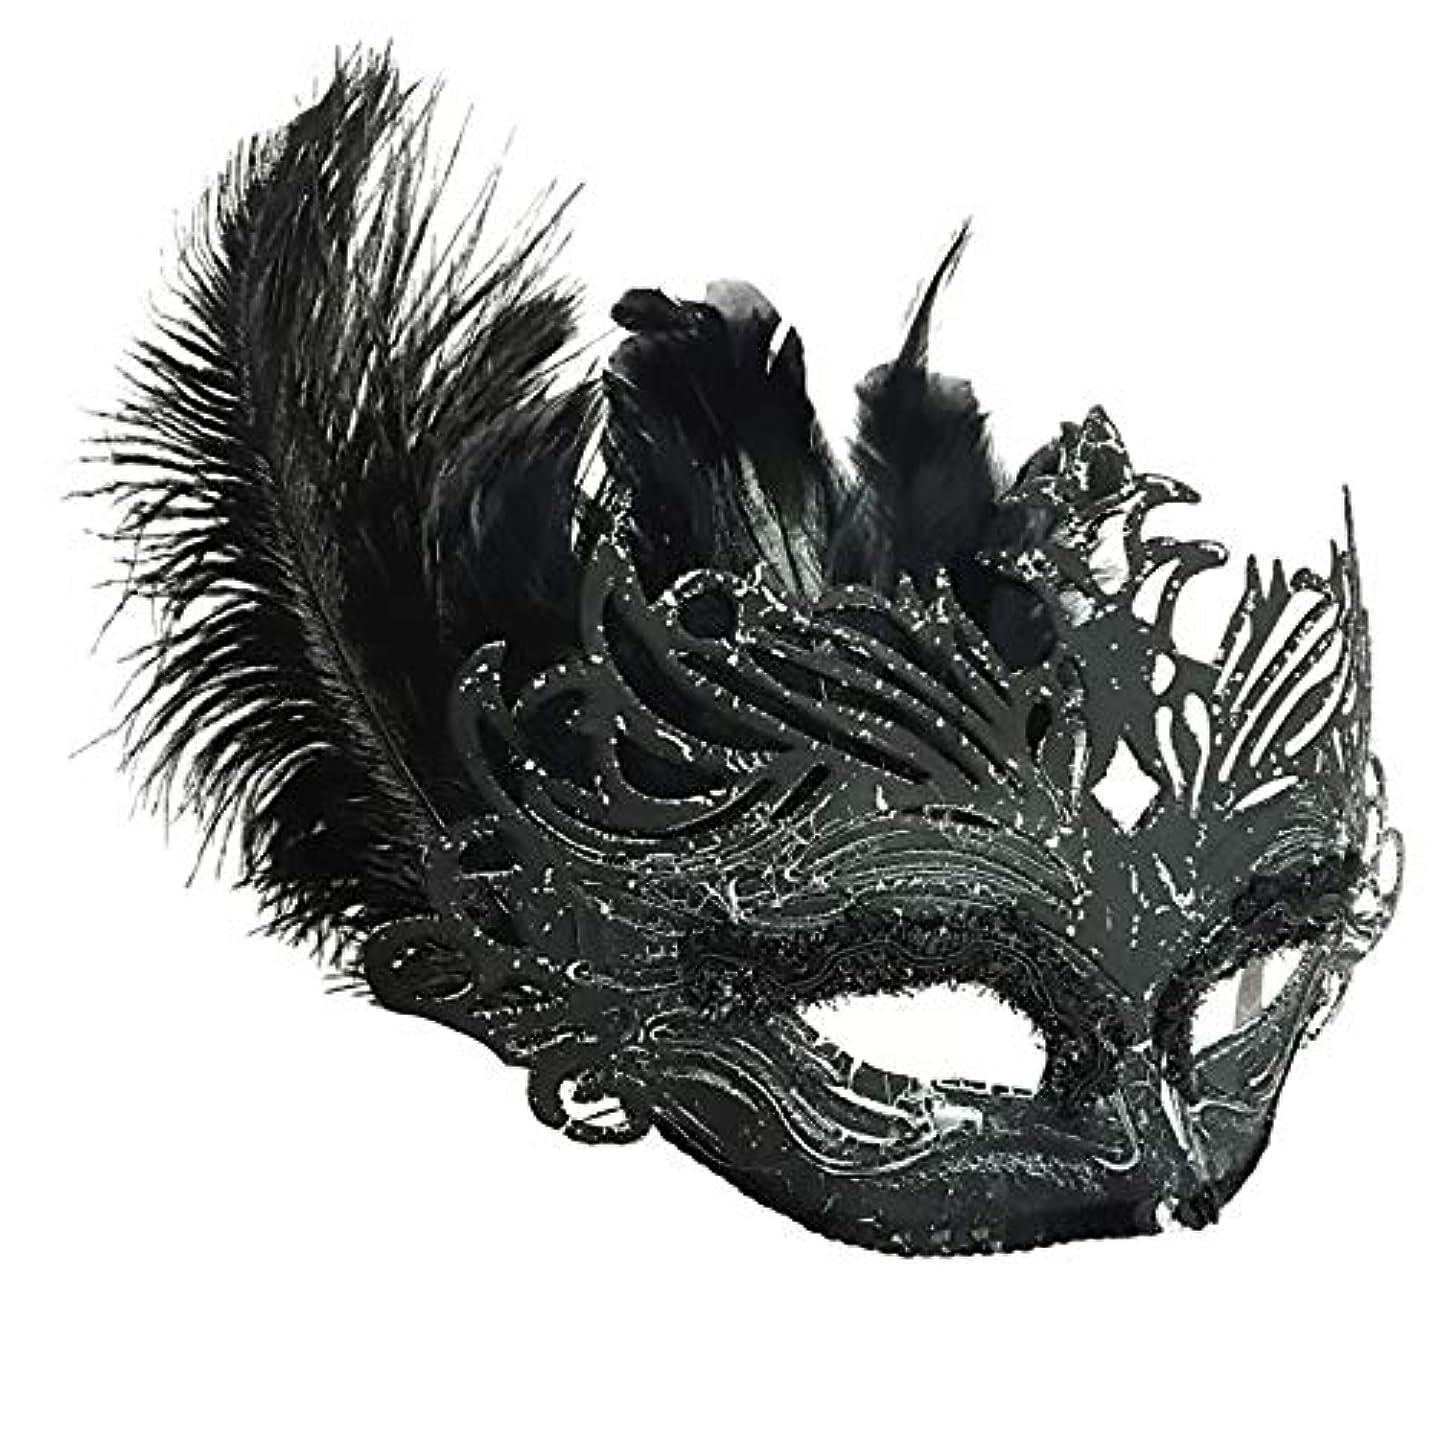 抵抗力がある汚い移行するNanle Halloween Ornate Blackコロンビーナフェザーマスク (色 : 黒)